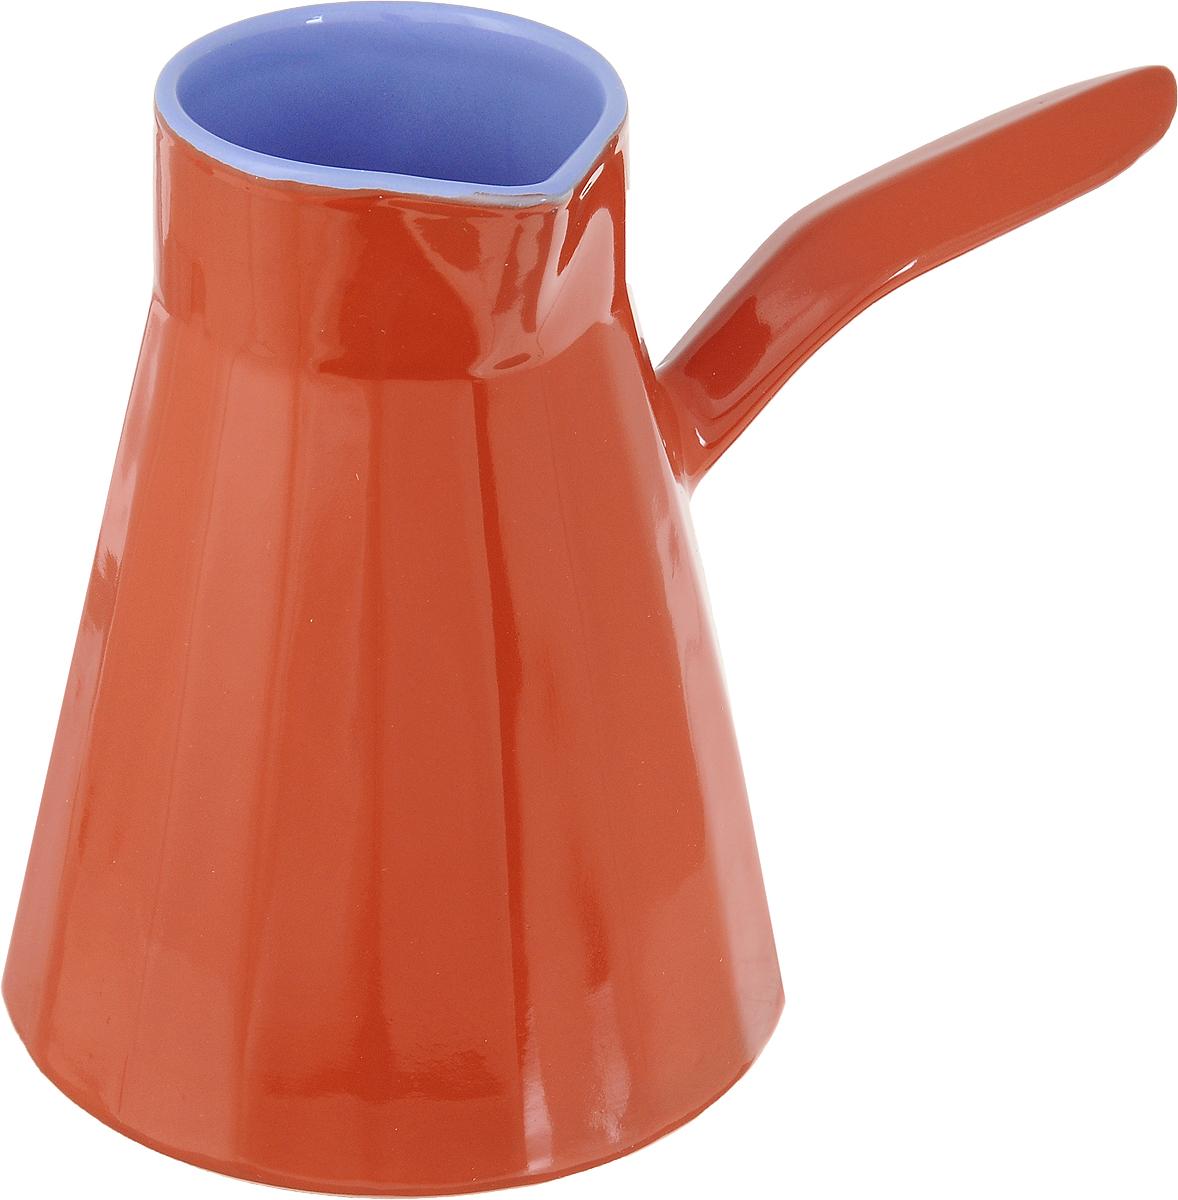 Турка Борисовская керамика Ностальгия, цвет: оранжевый, синий, 600 млРАД14457995Настоящие кофеманы по достоинству смогут оценить турку из глины. Благодаря особойструктуре напиток в ней получается по-настоящему вкусным и благородным. В процессе варки вполной мере раскрывается вся глубина кофейного зерна. Благодаря специальной глазировкетурка Ностальгия, не впитывает вкус и аромат кофе, позволяя варить по очереди разные сорта.Толстые стенки продлевают кипение напитка, даже когда его снимают с огня. Двойной обжигповышает прочность изделия, значительно продляя срок его службы. Правильная форма сшироким донышком и узкой горловиной с блеском сохраняет аромат кофе, а коническая формапозволяет кофейной гуще быстрее оседать на дно.Изделие предназначено дляиспользования на электрических и на газовых плитах. Диаметр горлышка: 6,5 см.Высота стенок: 14,5 см